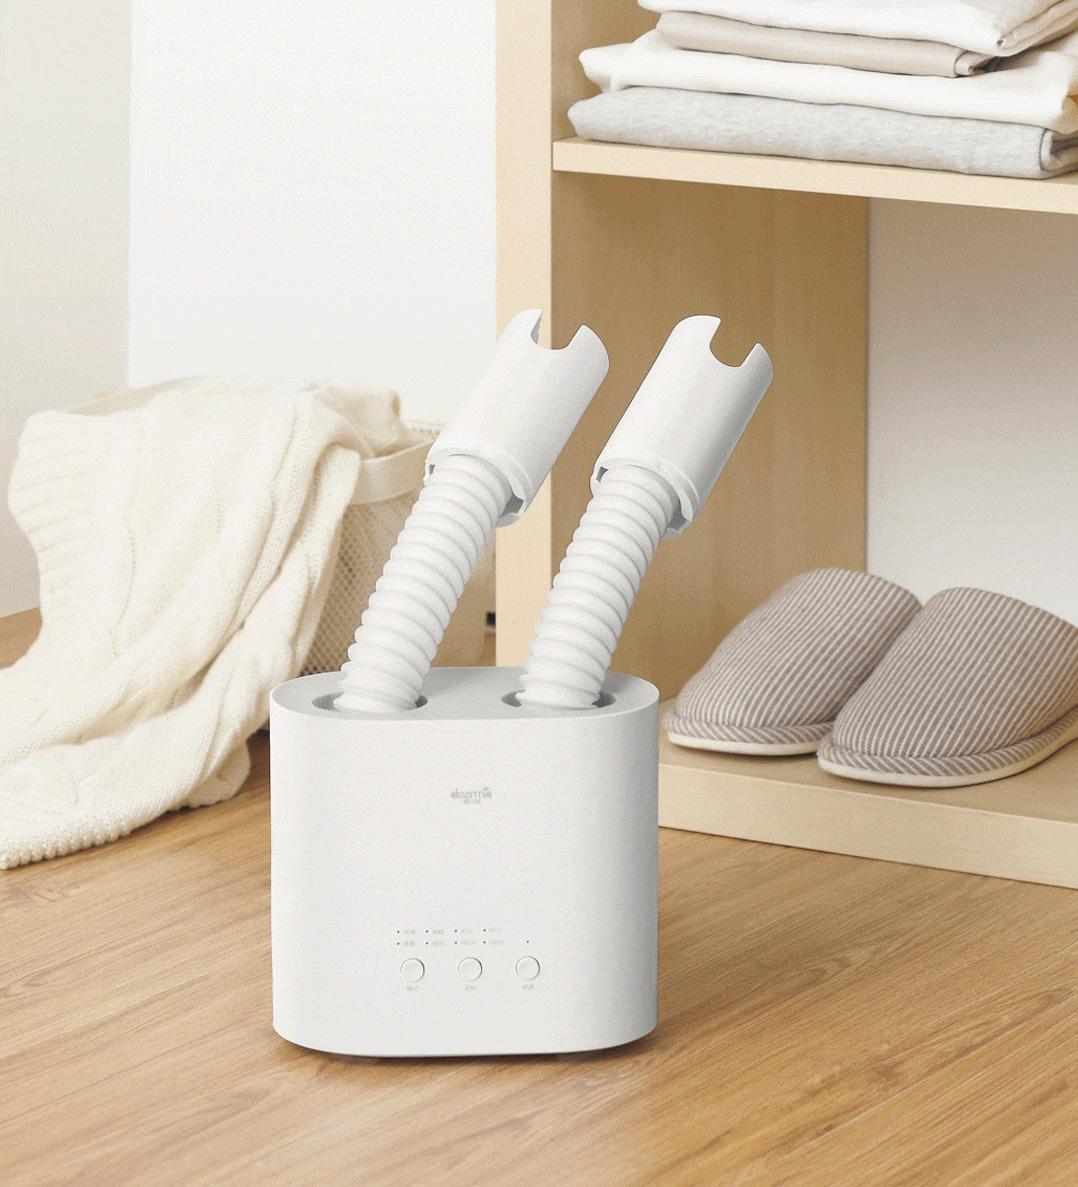 Xiaomi Deerma Shoes Dryer